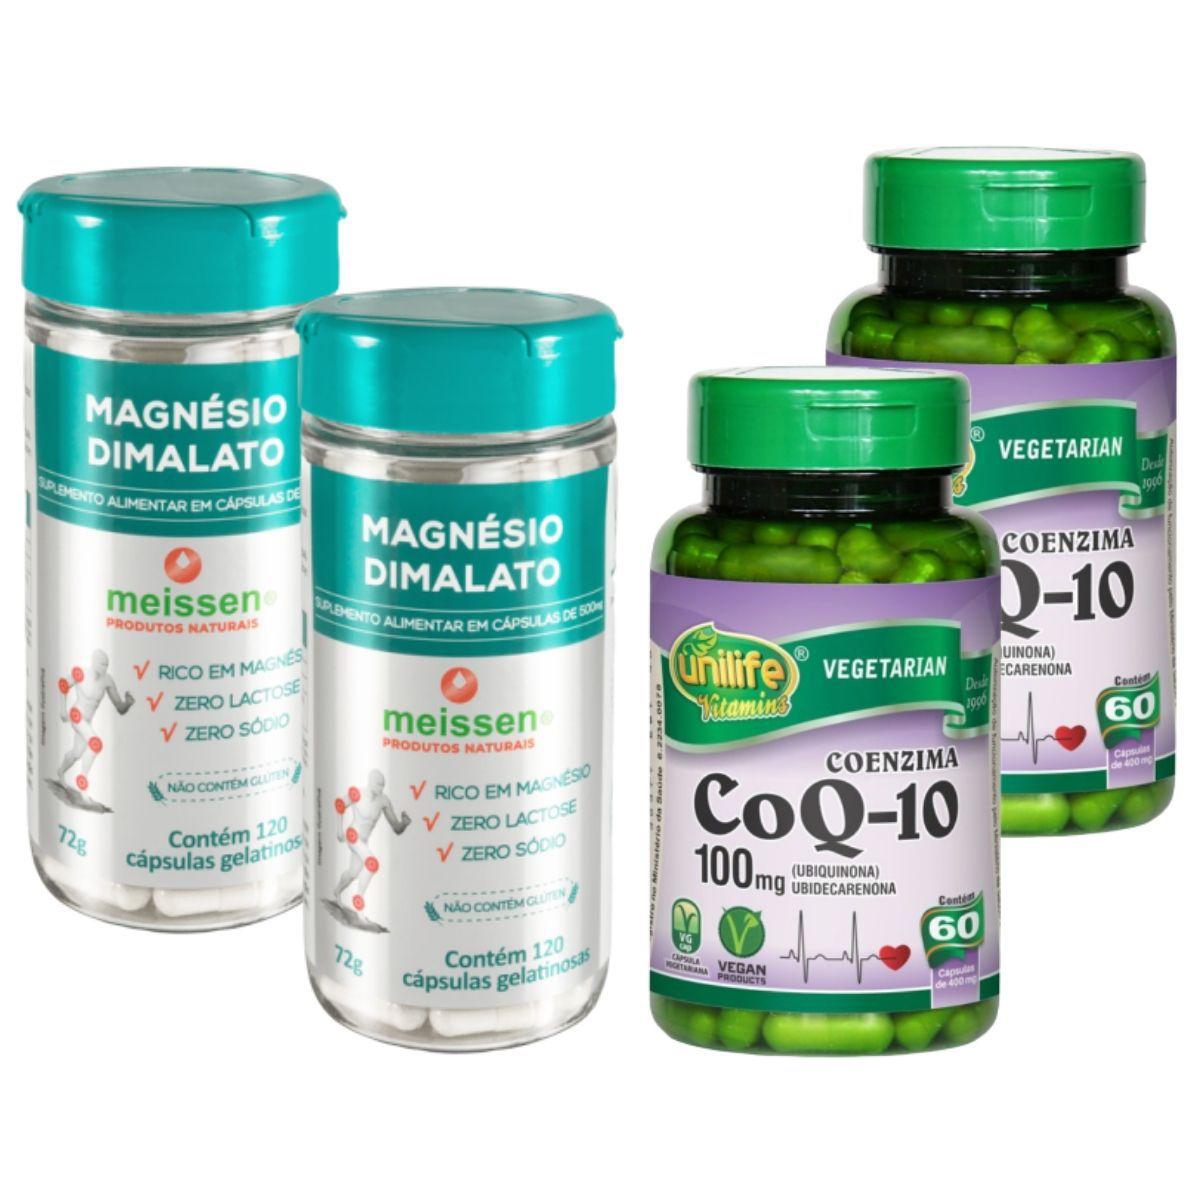 Kit 2 Coenzima Q10 100 Mg 60 Cápsulas + Magnésio Dimalato 60 Cápsulas Meissen